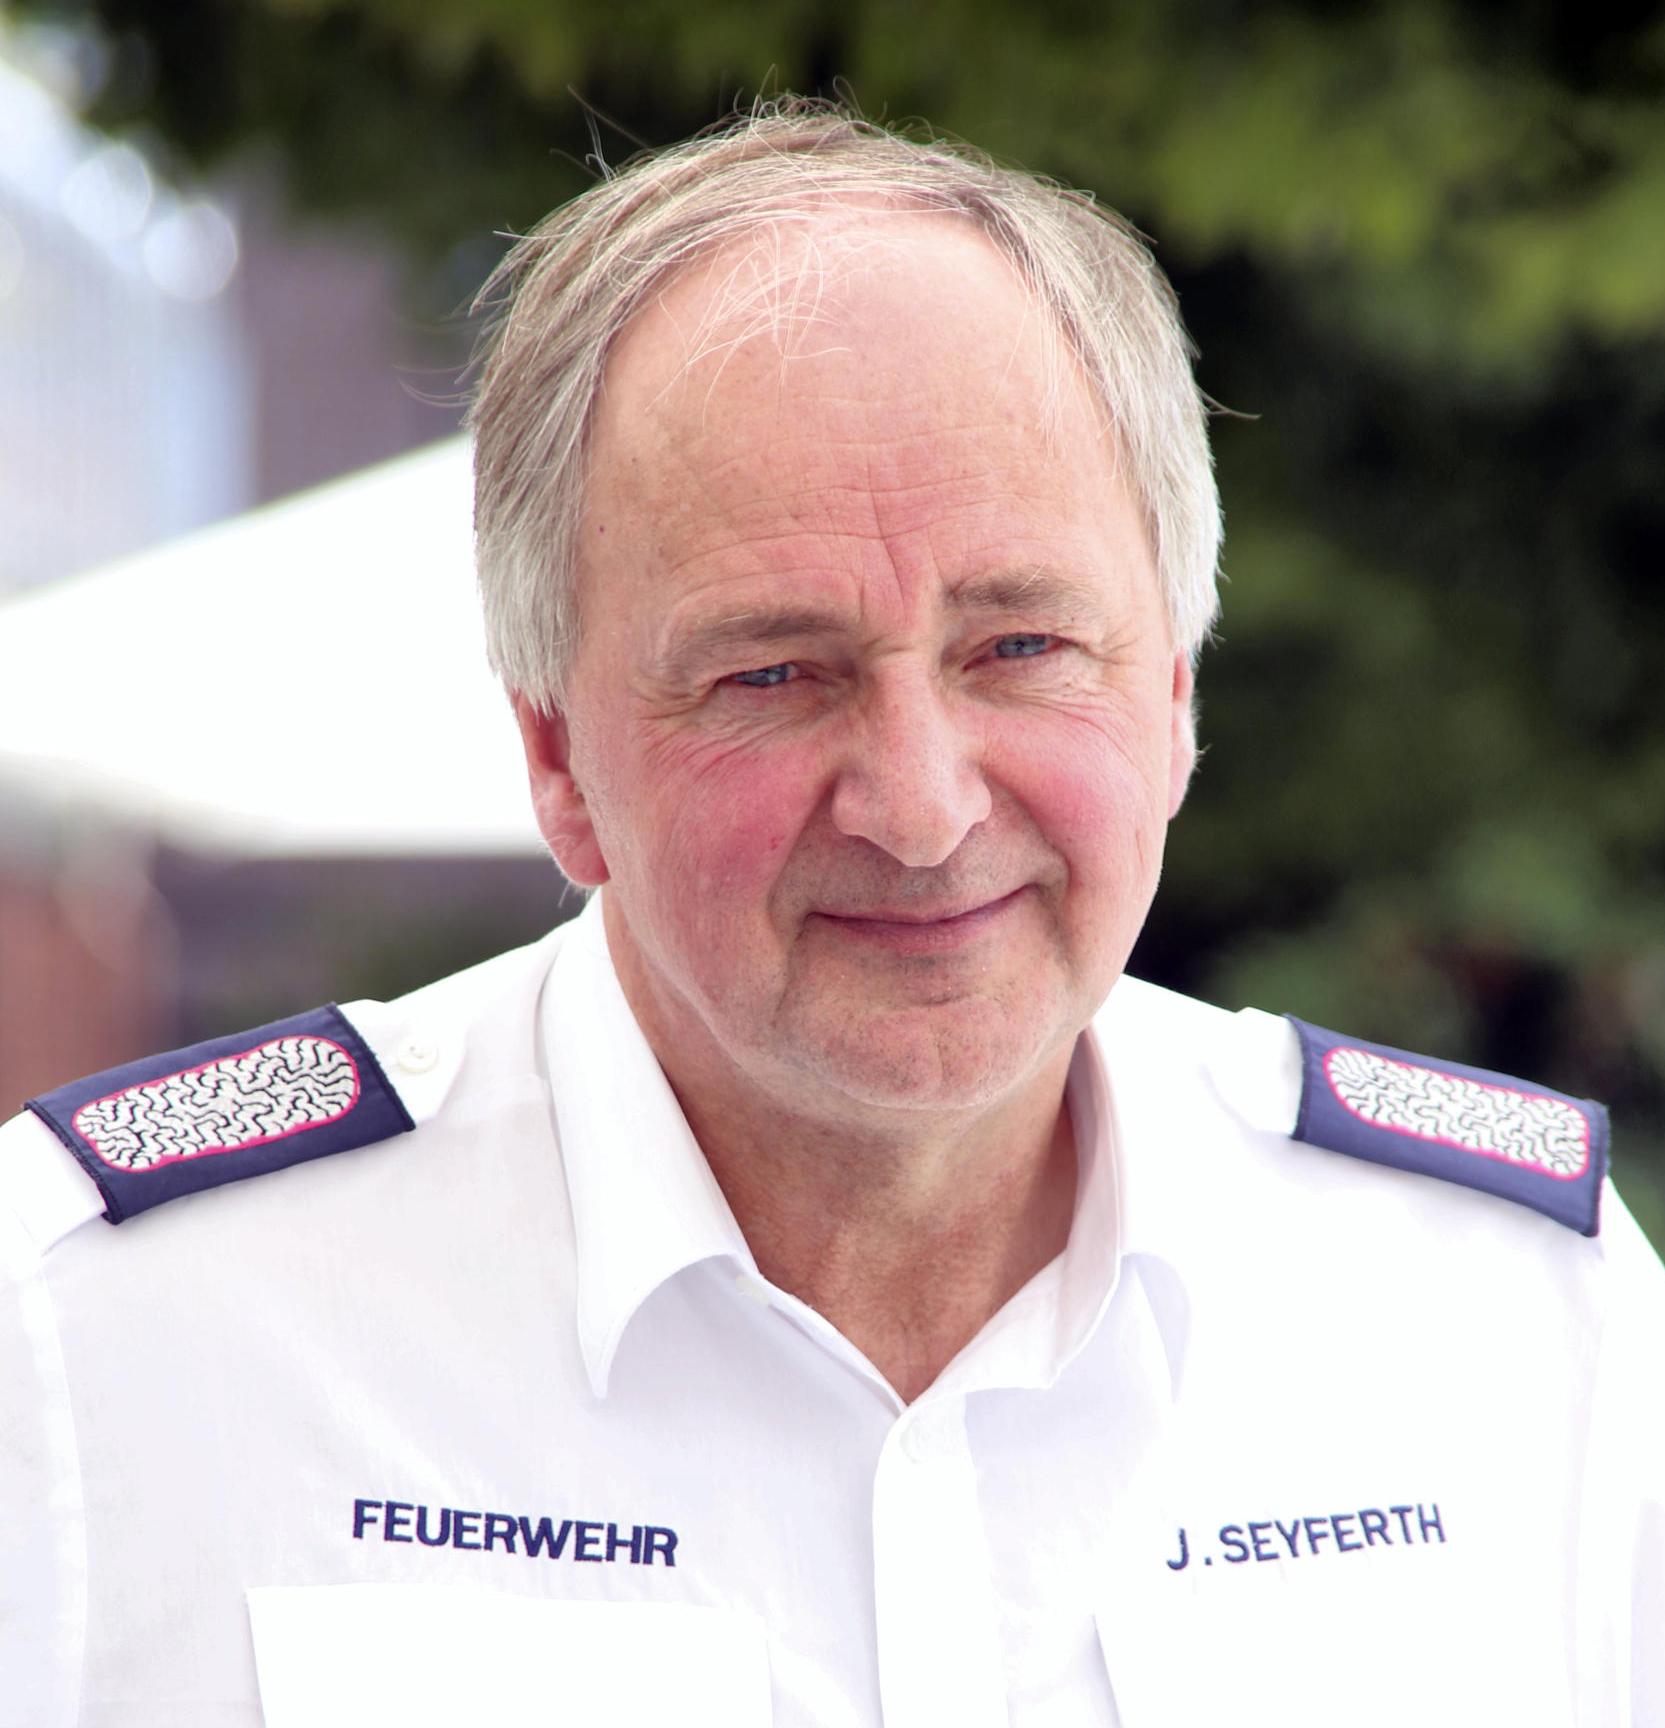 Joachim_Seyferth.jpg